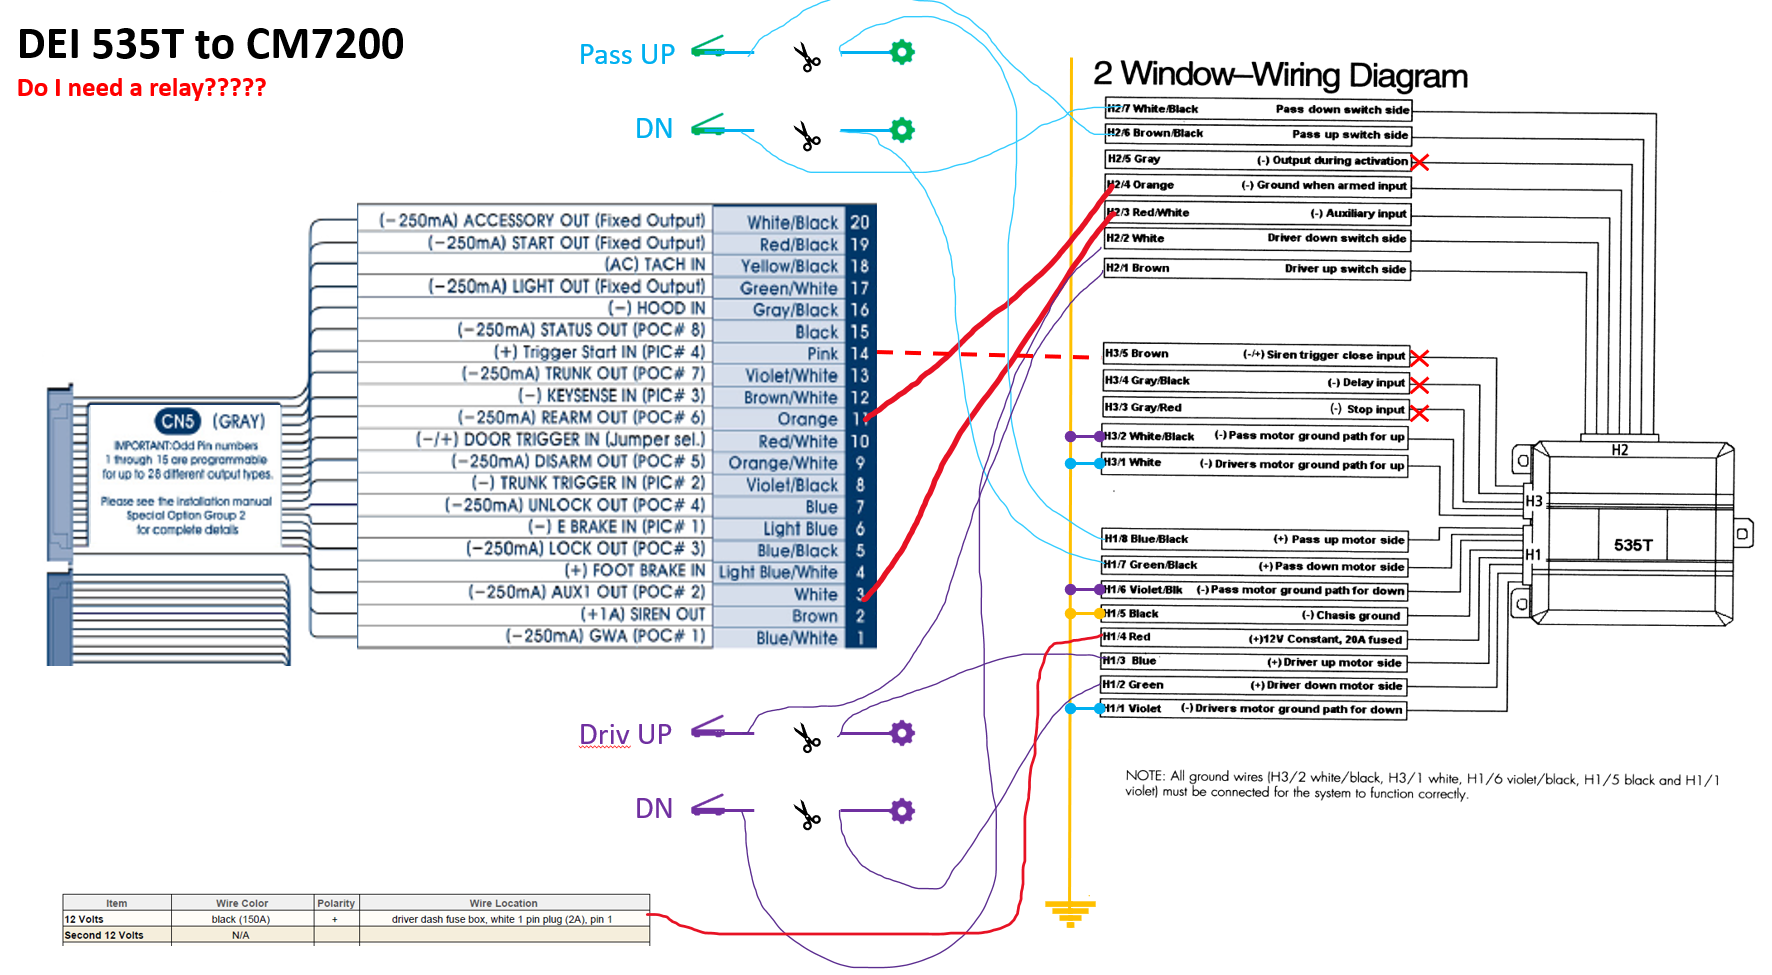 Installation Compustar Remote Starter + Window Roll-up Module (DEI 535T) +  Slide roof (DEI 529T) | IH8MUD ForumIH8MUD Forum